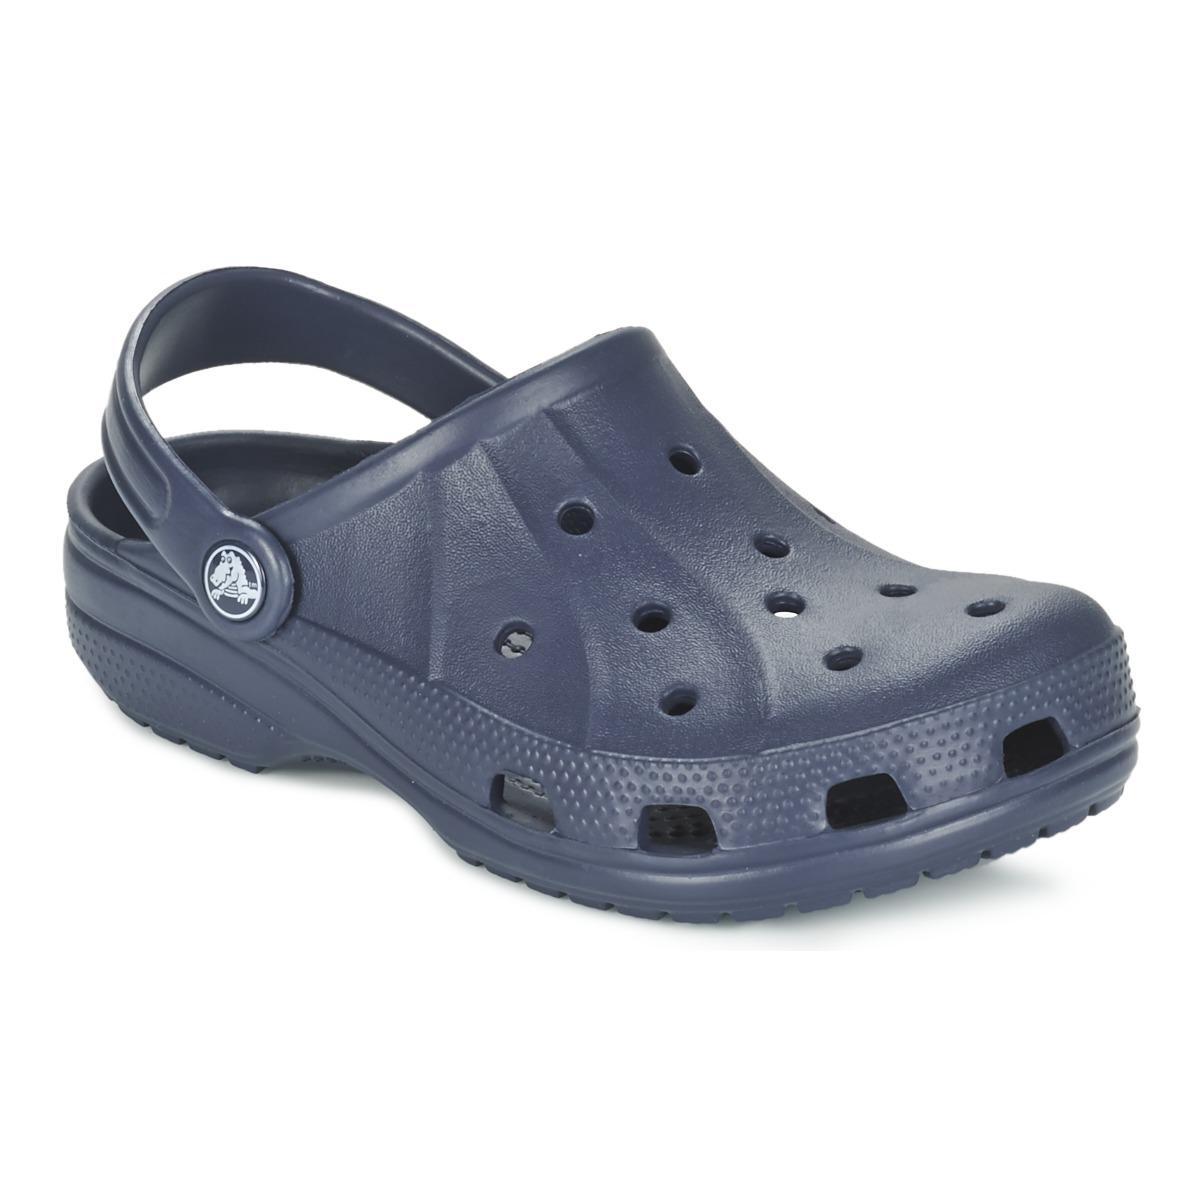 dcfa4fe4aae9 Crocs™ Ralen Clog Men s Clogs (shoes) In Blue in Blue for Men - Lyst